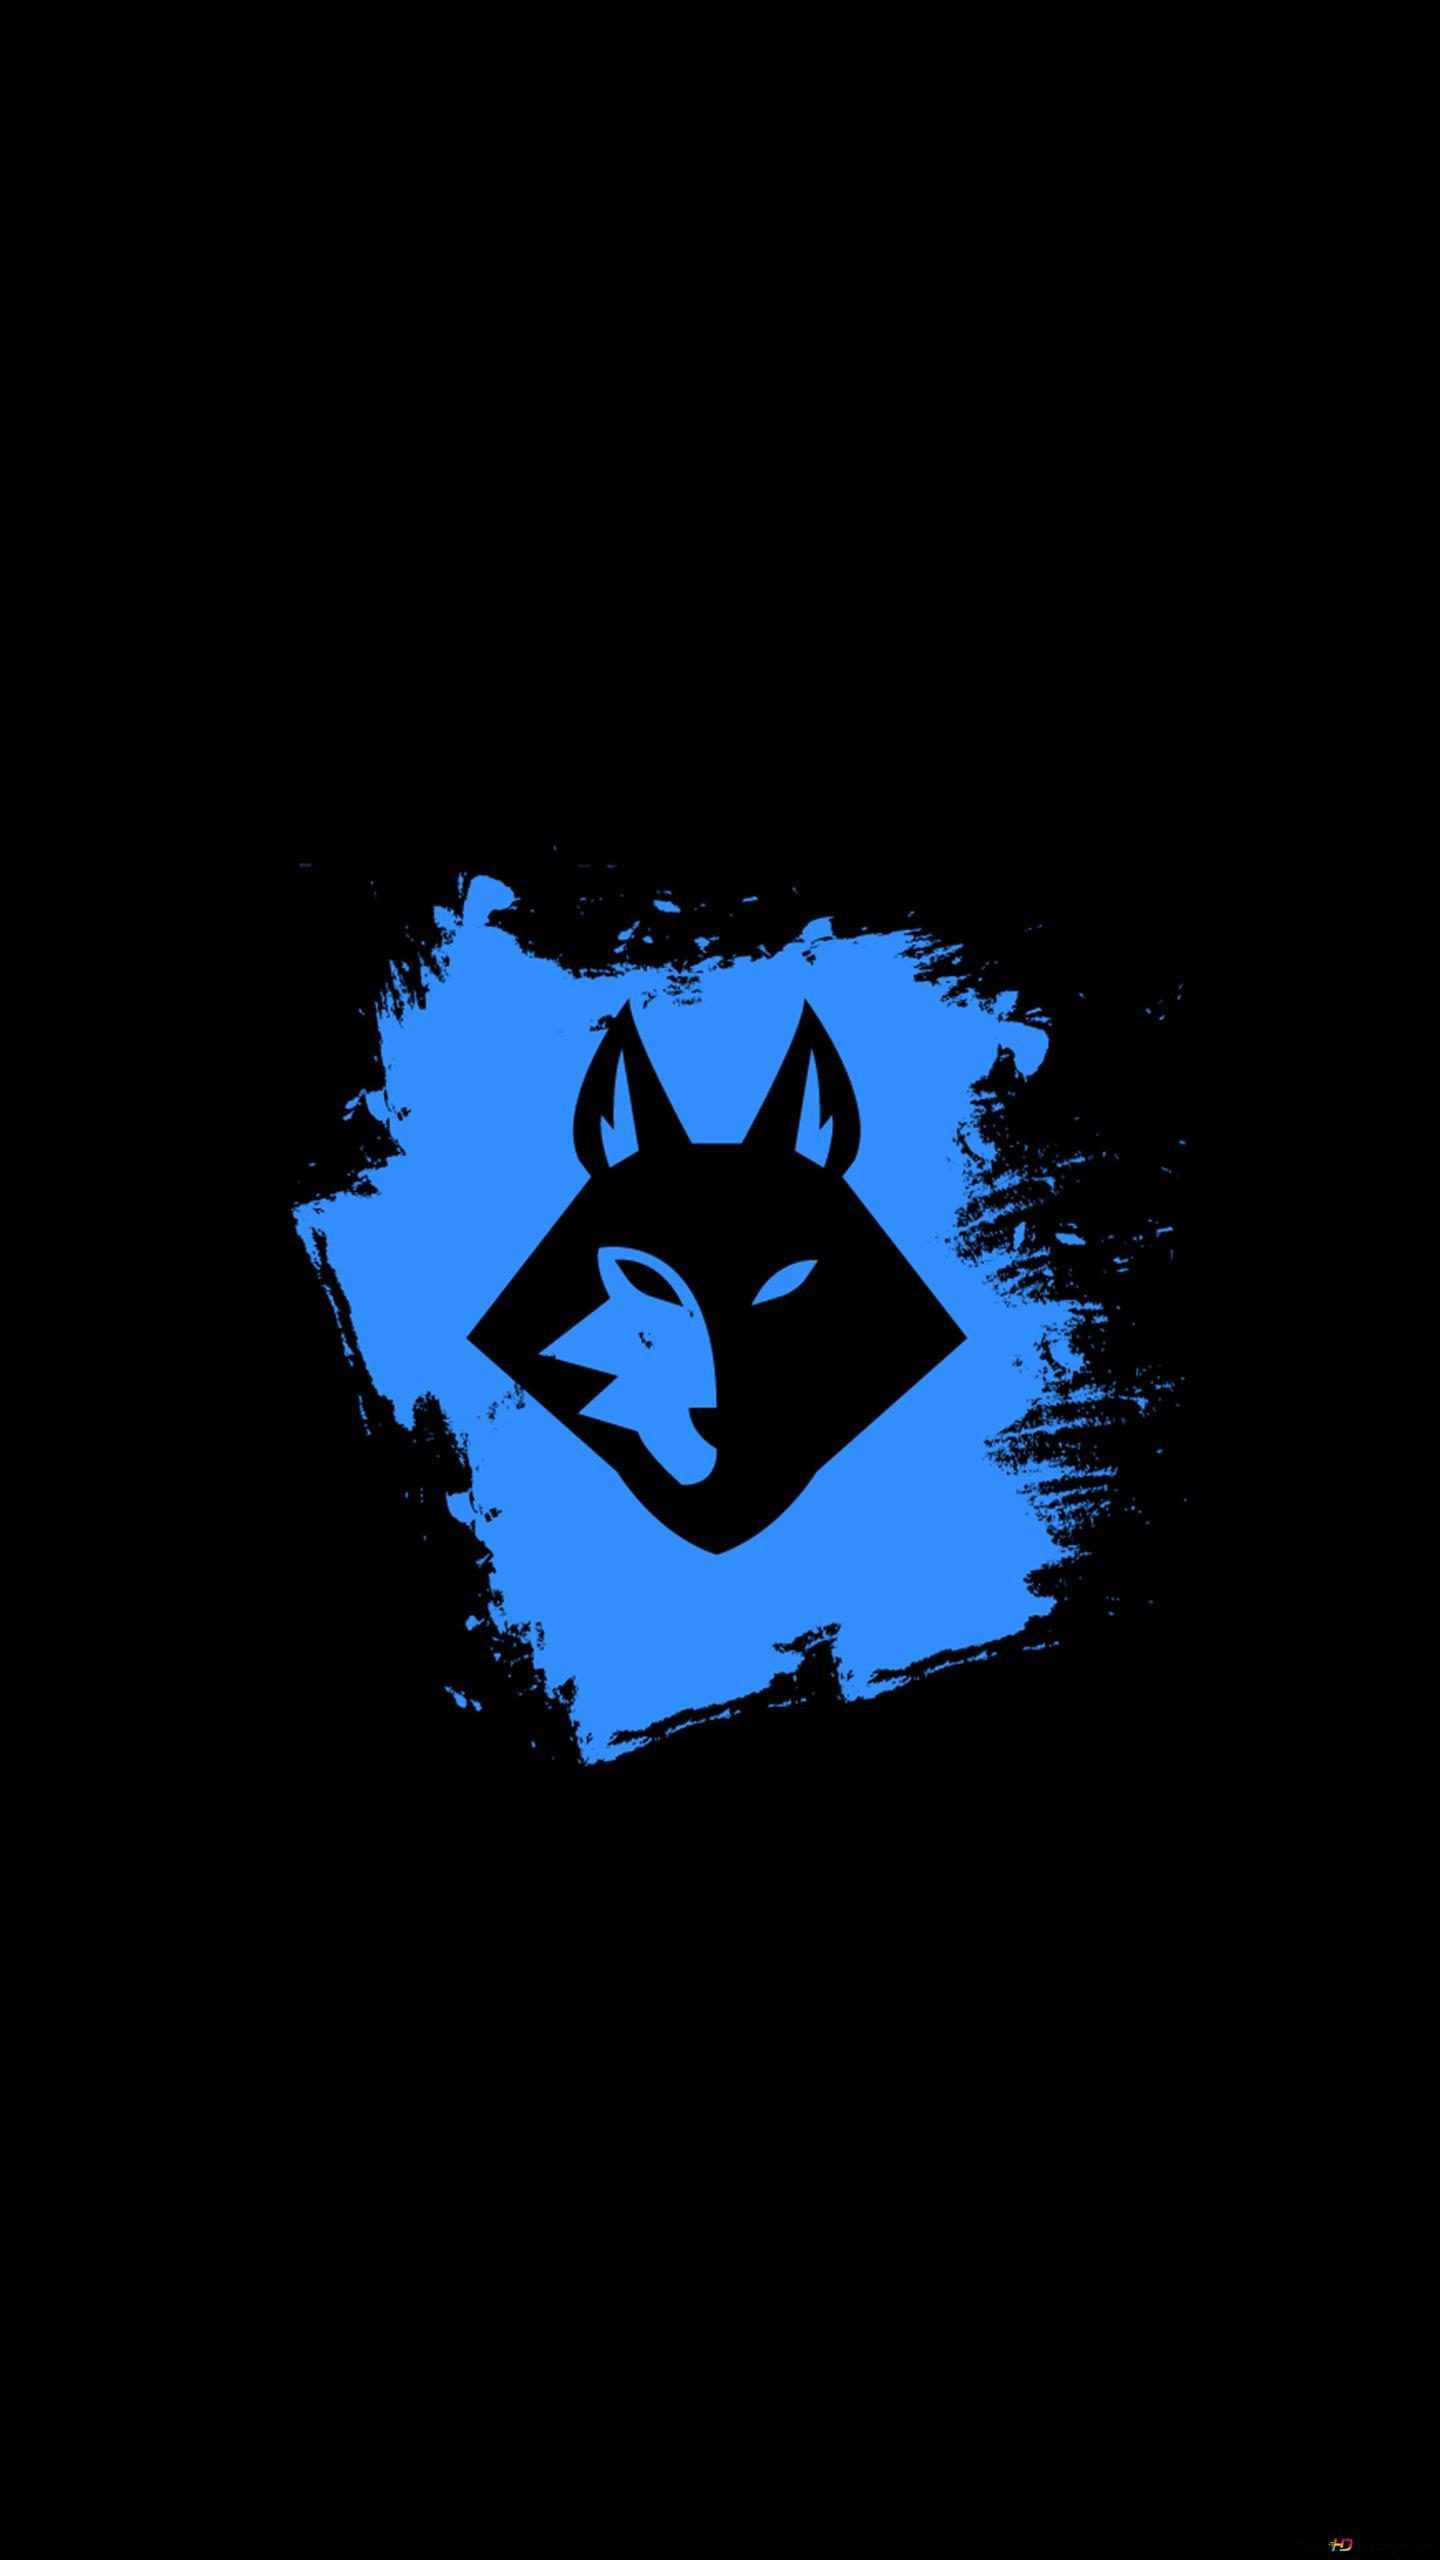 アルファオオカミグランジロゴ Hd壁紙のダウンロード